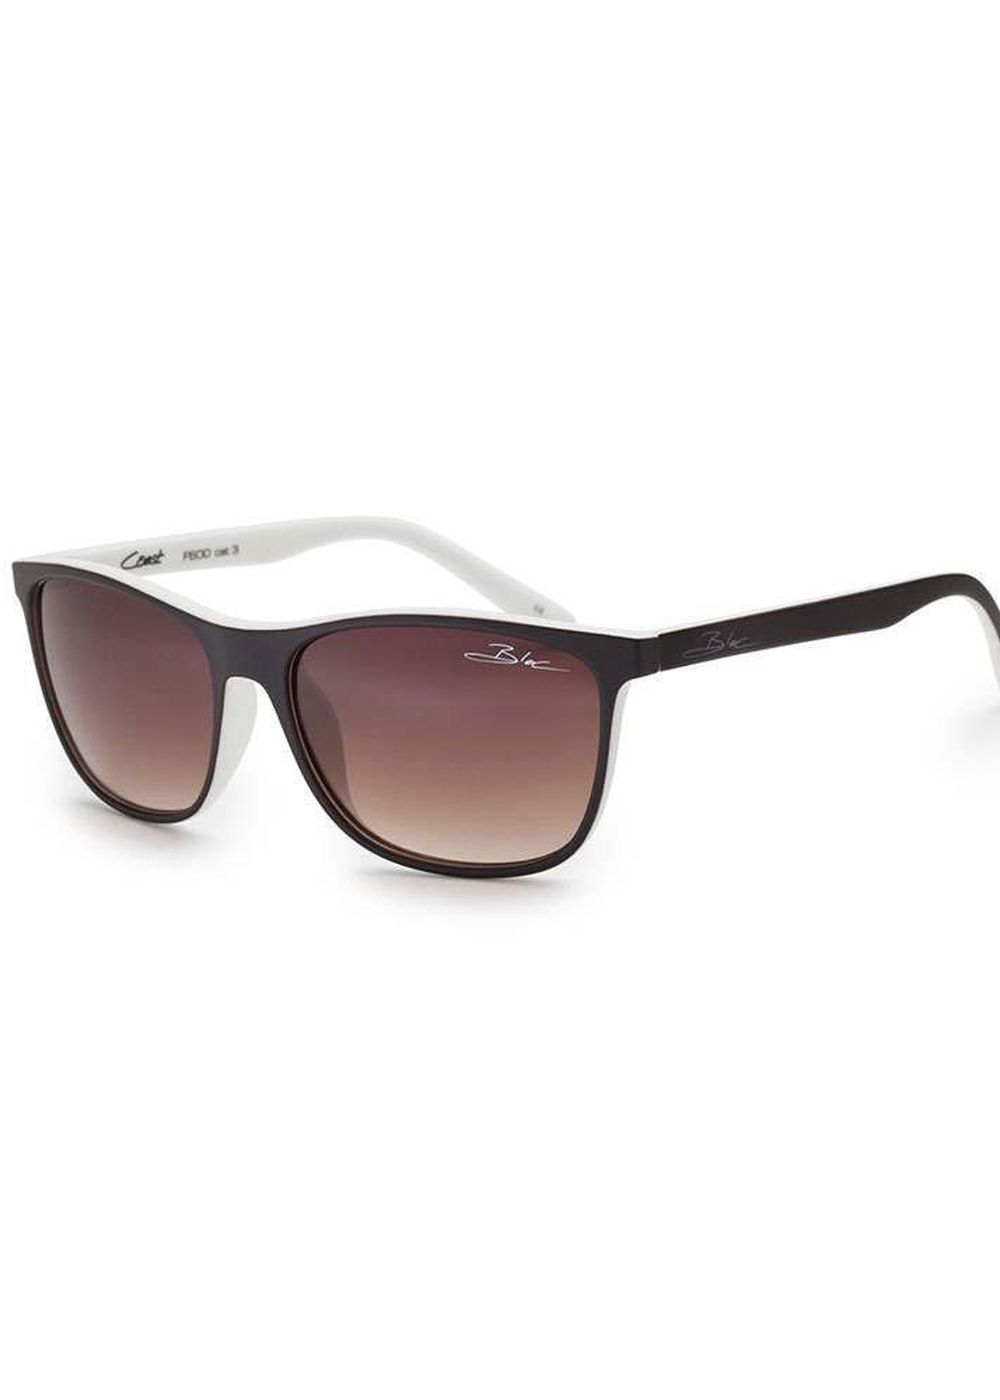 bloc-coast-sunglasses-bn-gradbrown-grad